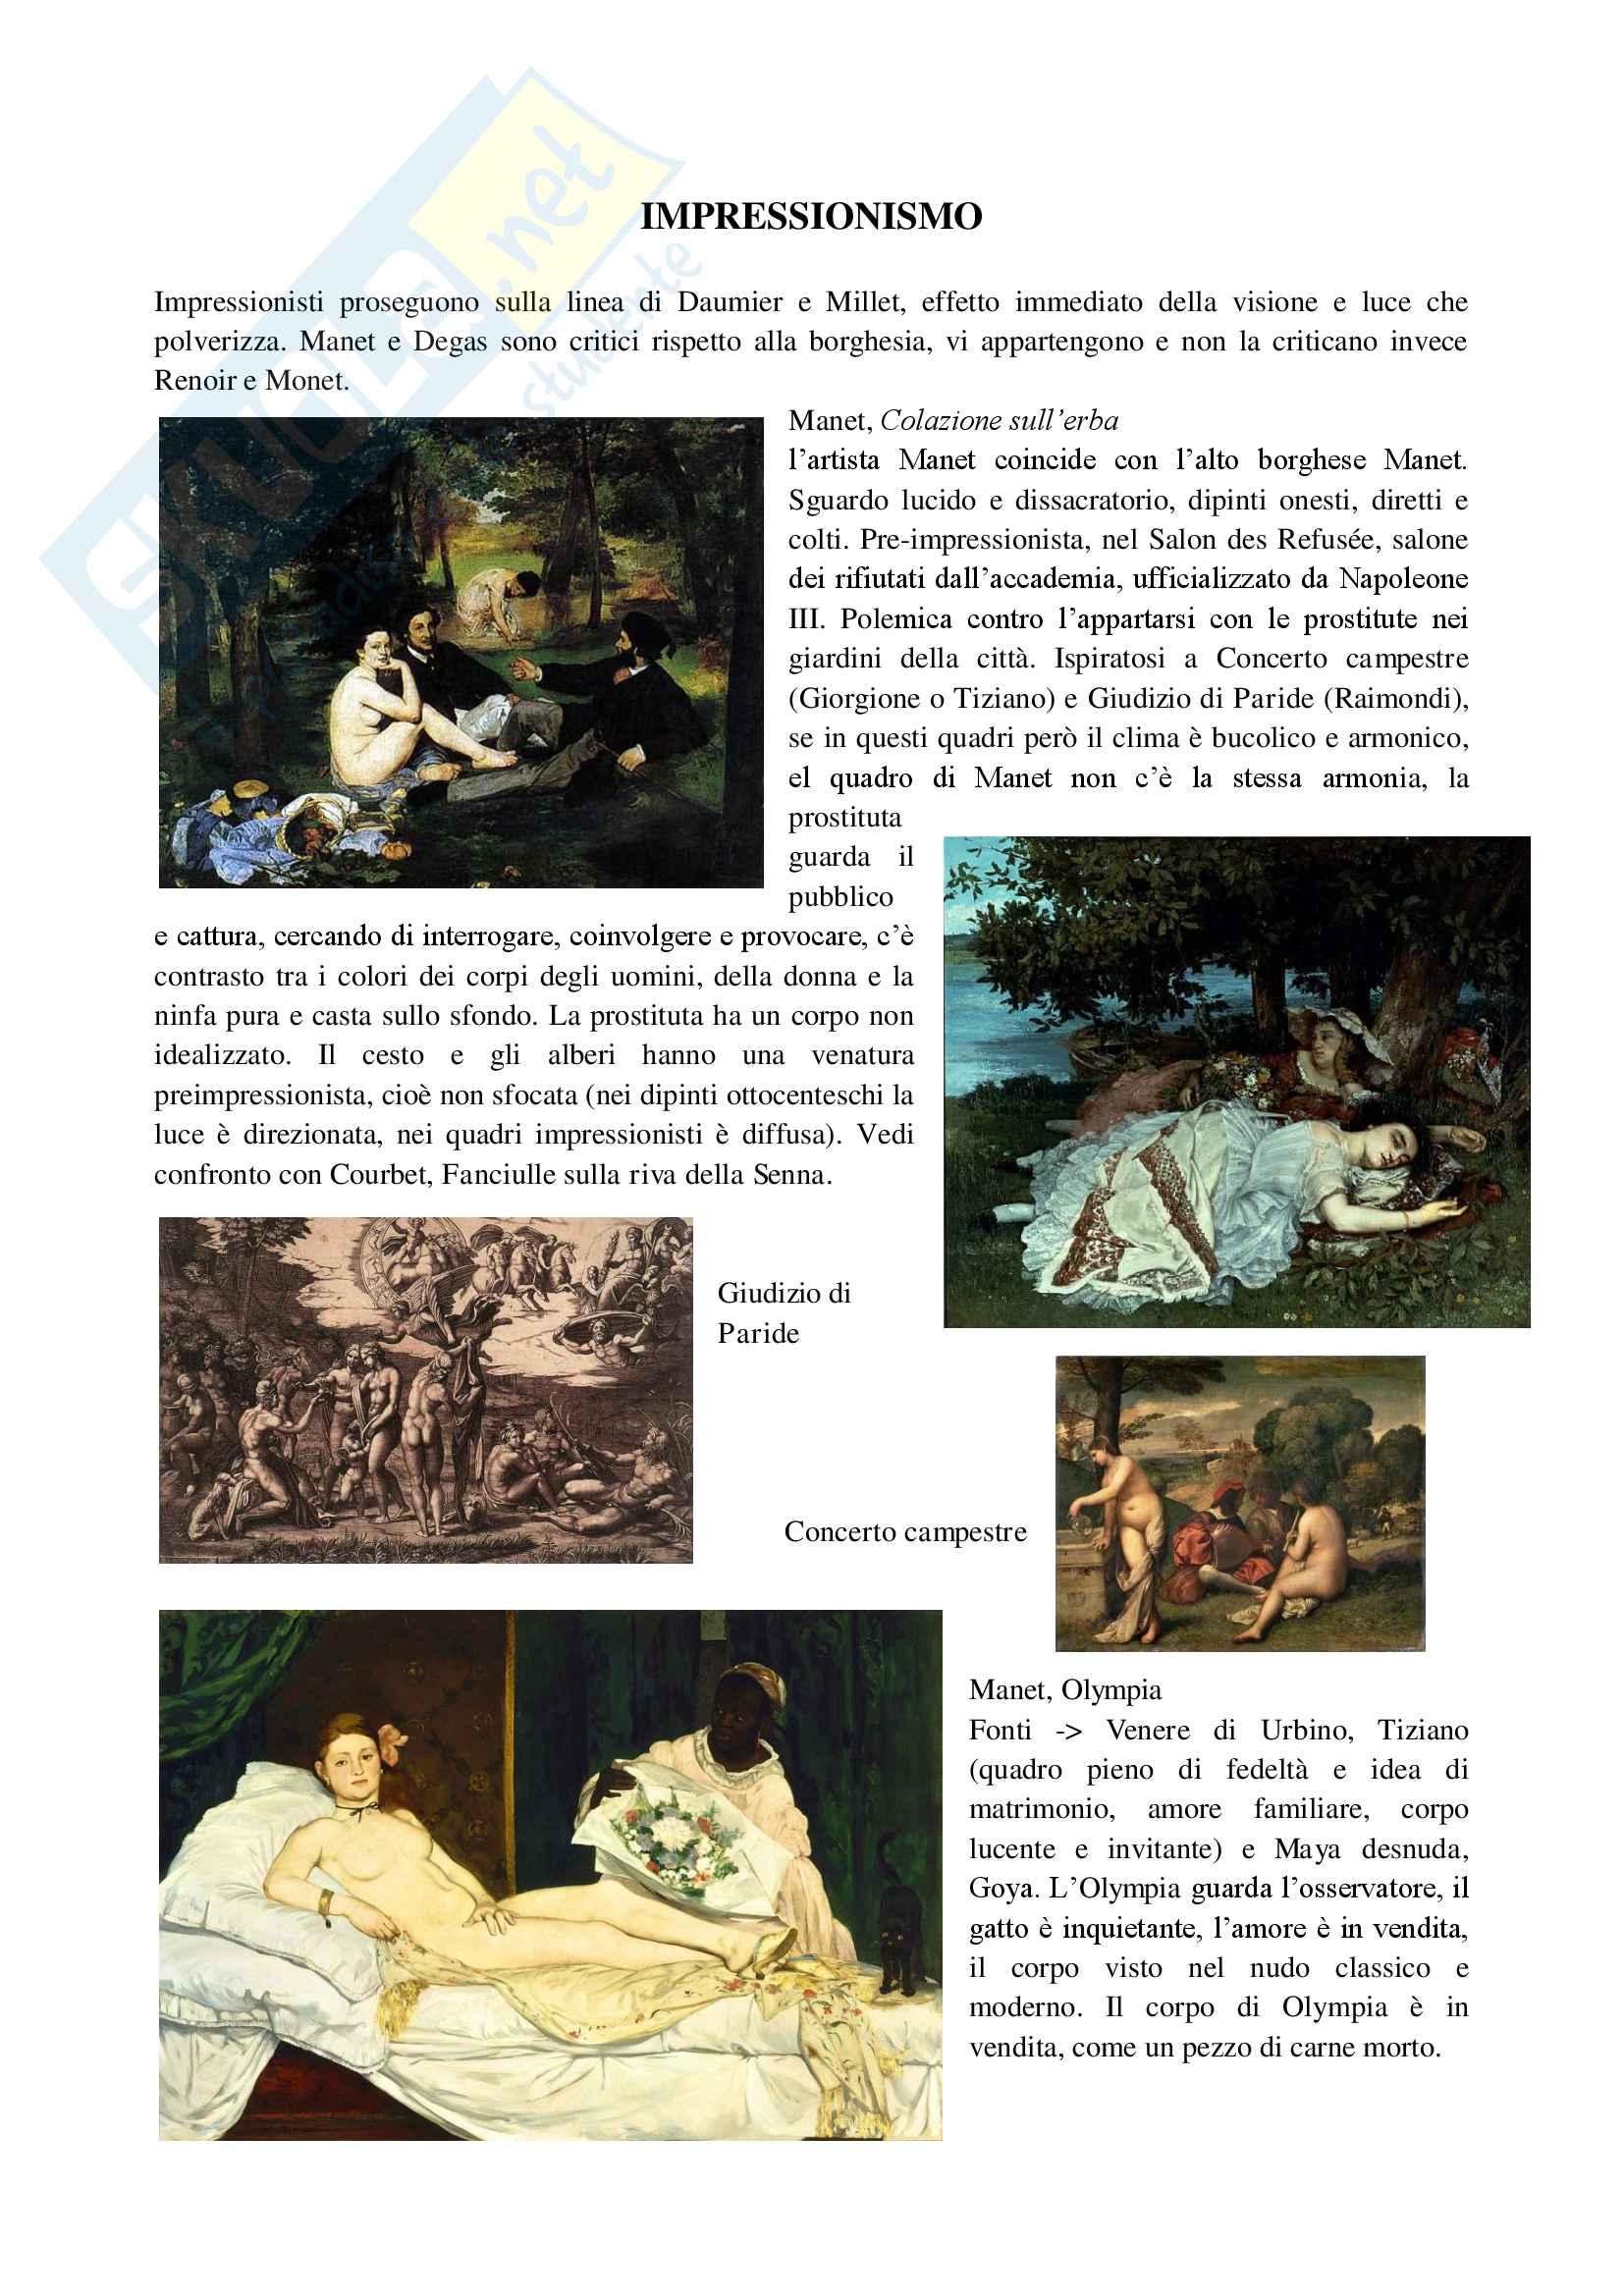 Appunti Arte contemporanea (con immagini) - Di Raddo Pag. 21